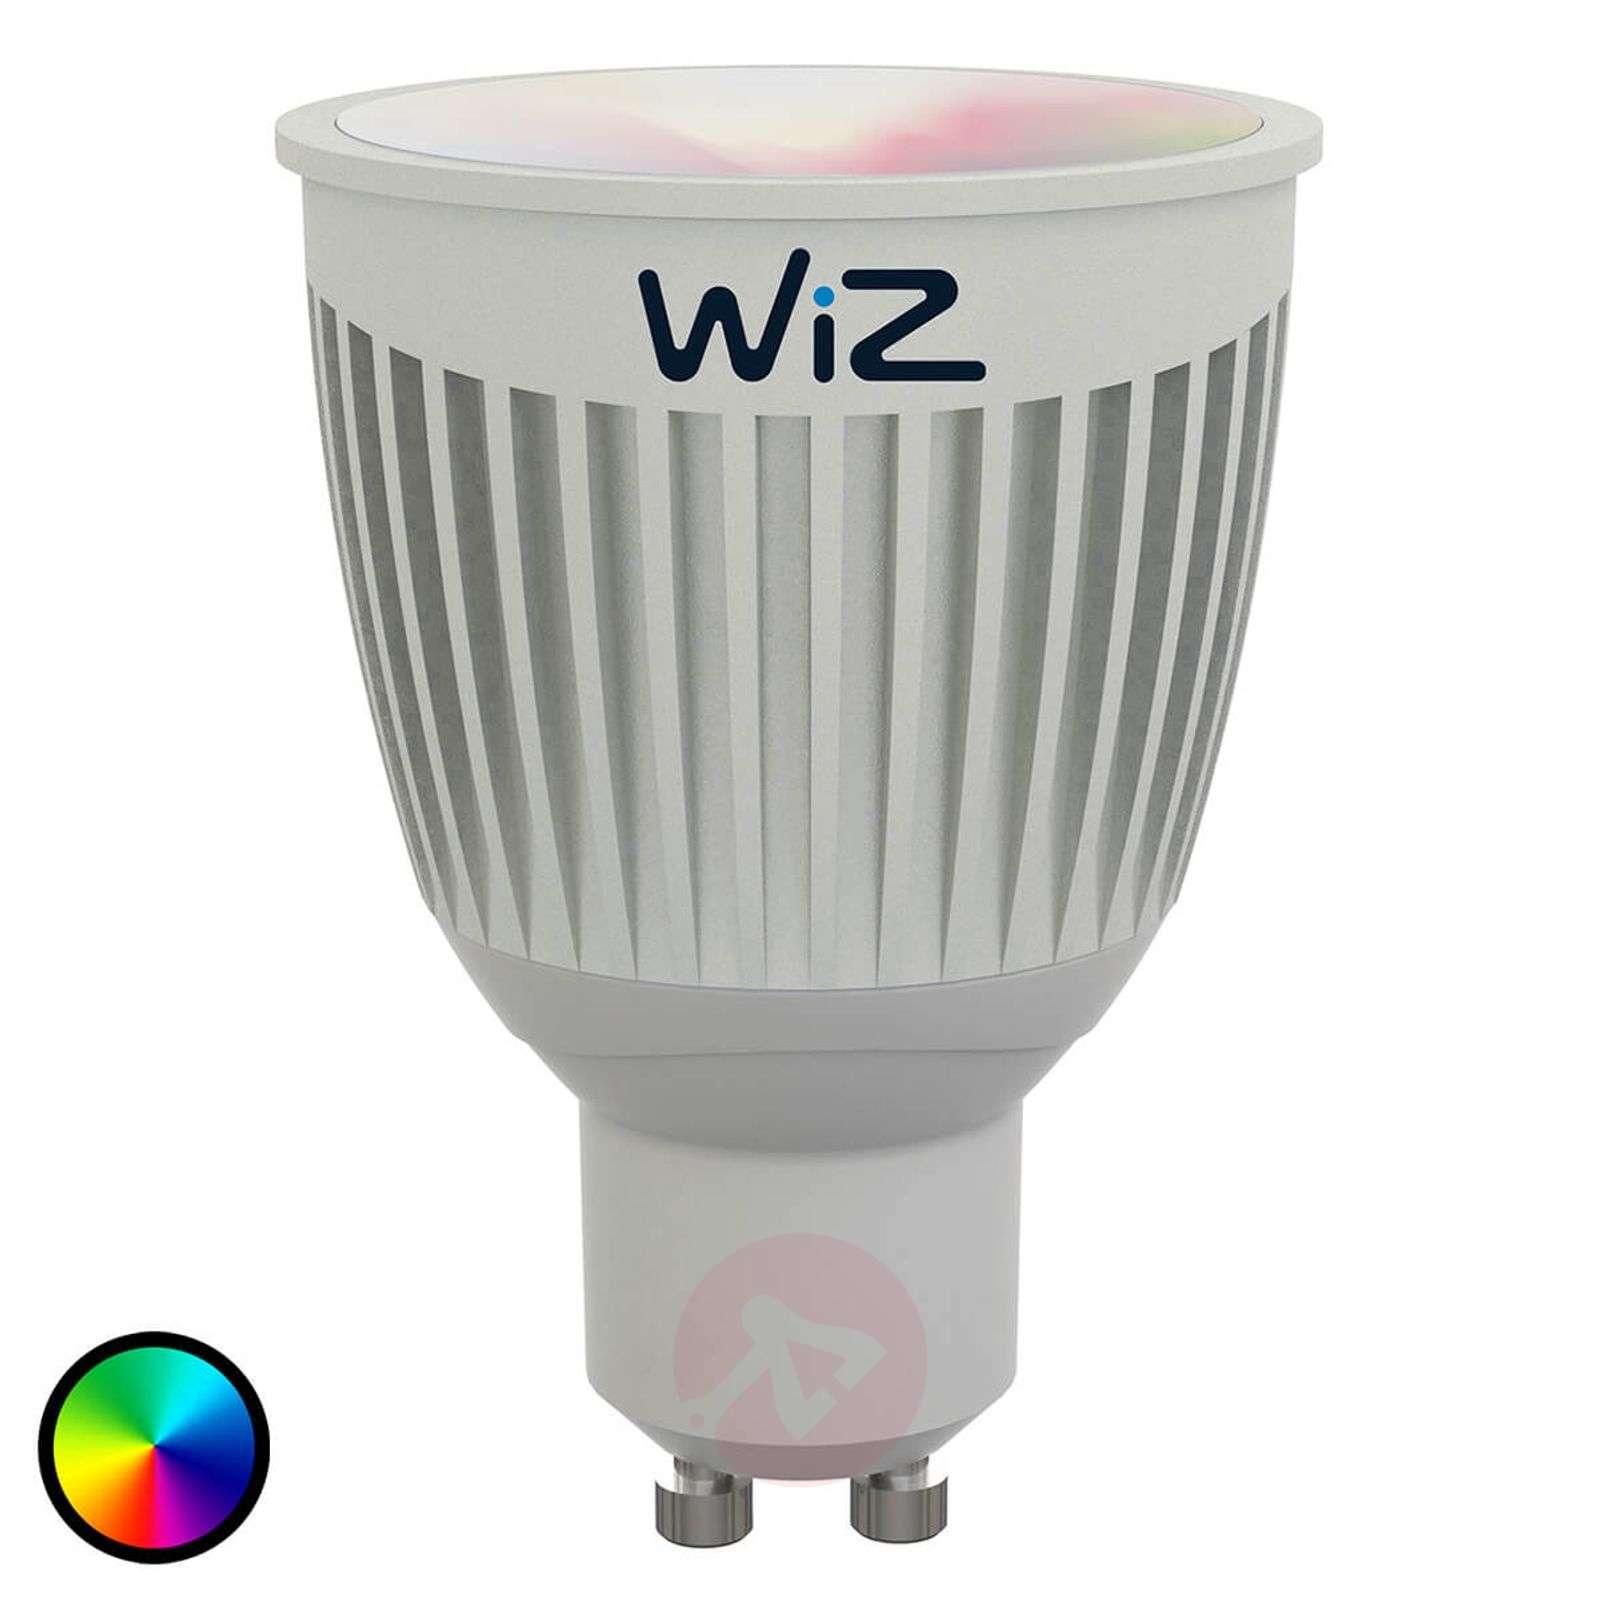 LED-lamppu GU10 WiZ, ei kaukosäädintä, RGB + valk.-9038074-01